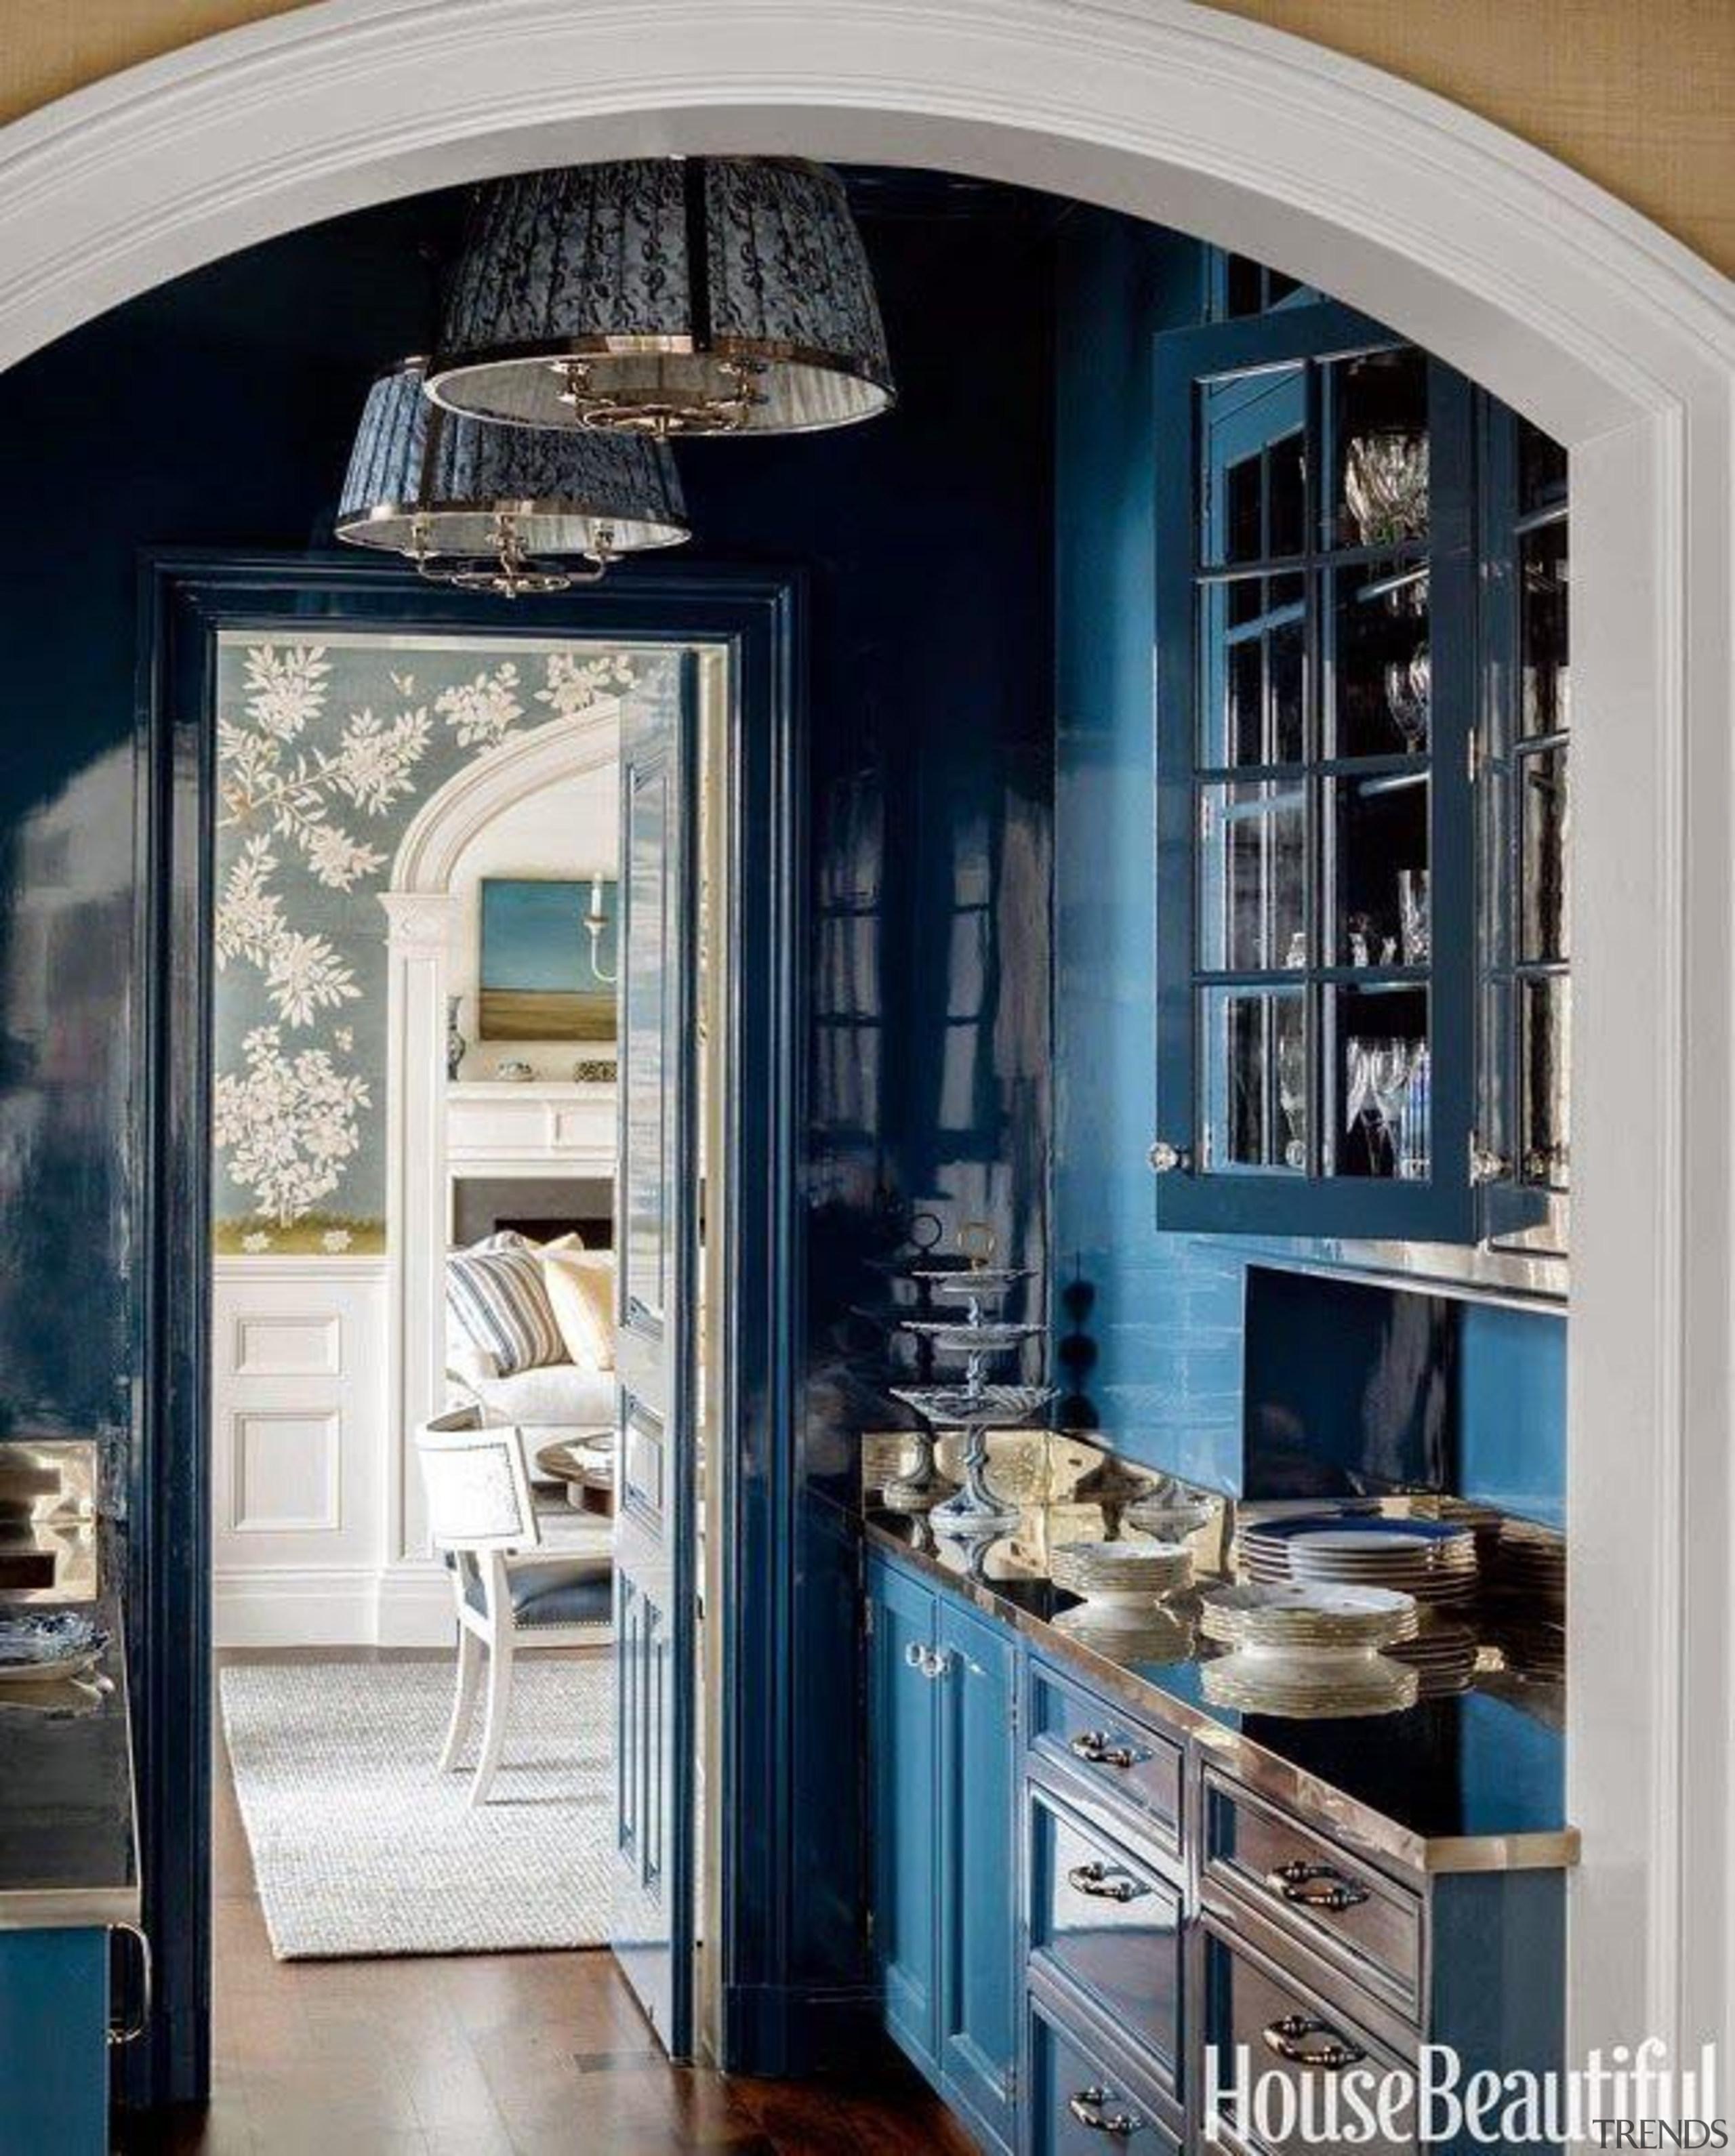 Cerulean Blue - Kitchen! - Cerulean Blue - home, interior design, room, window, gray, black